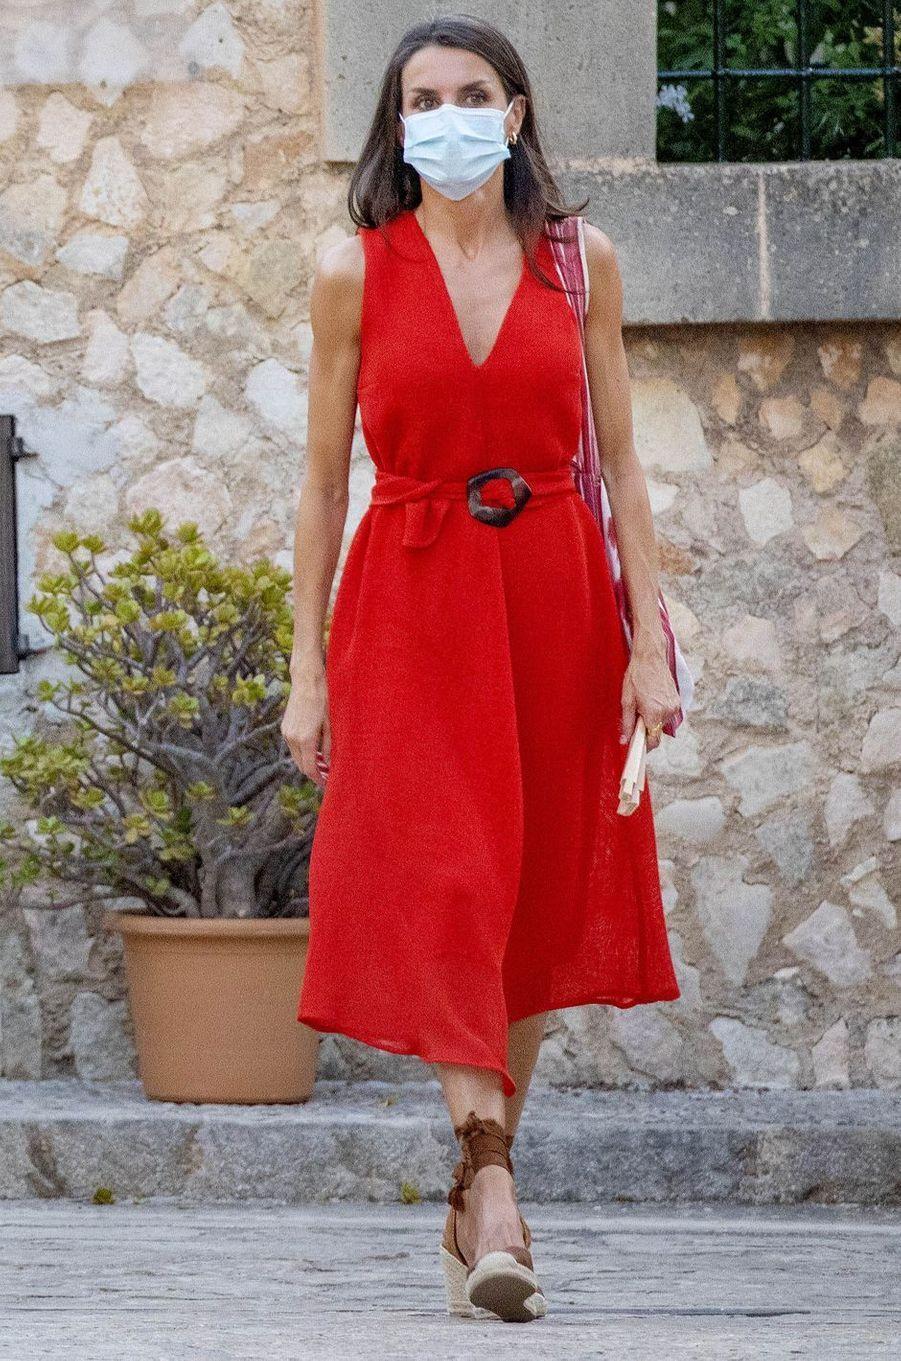 La reine Letizia d'Espagne à Petra sur l'île de Majorque, le 10 août 2020